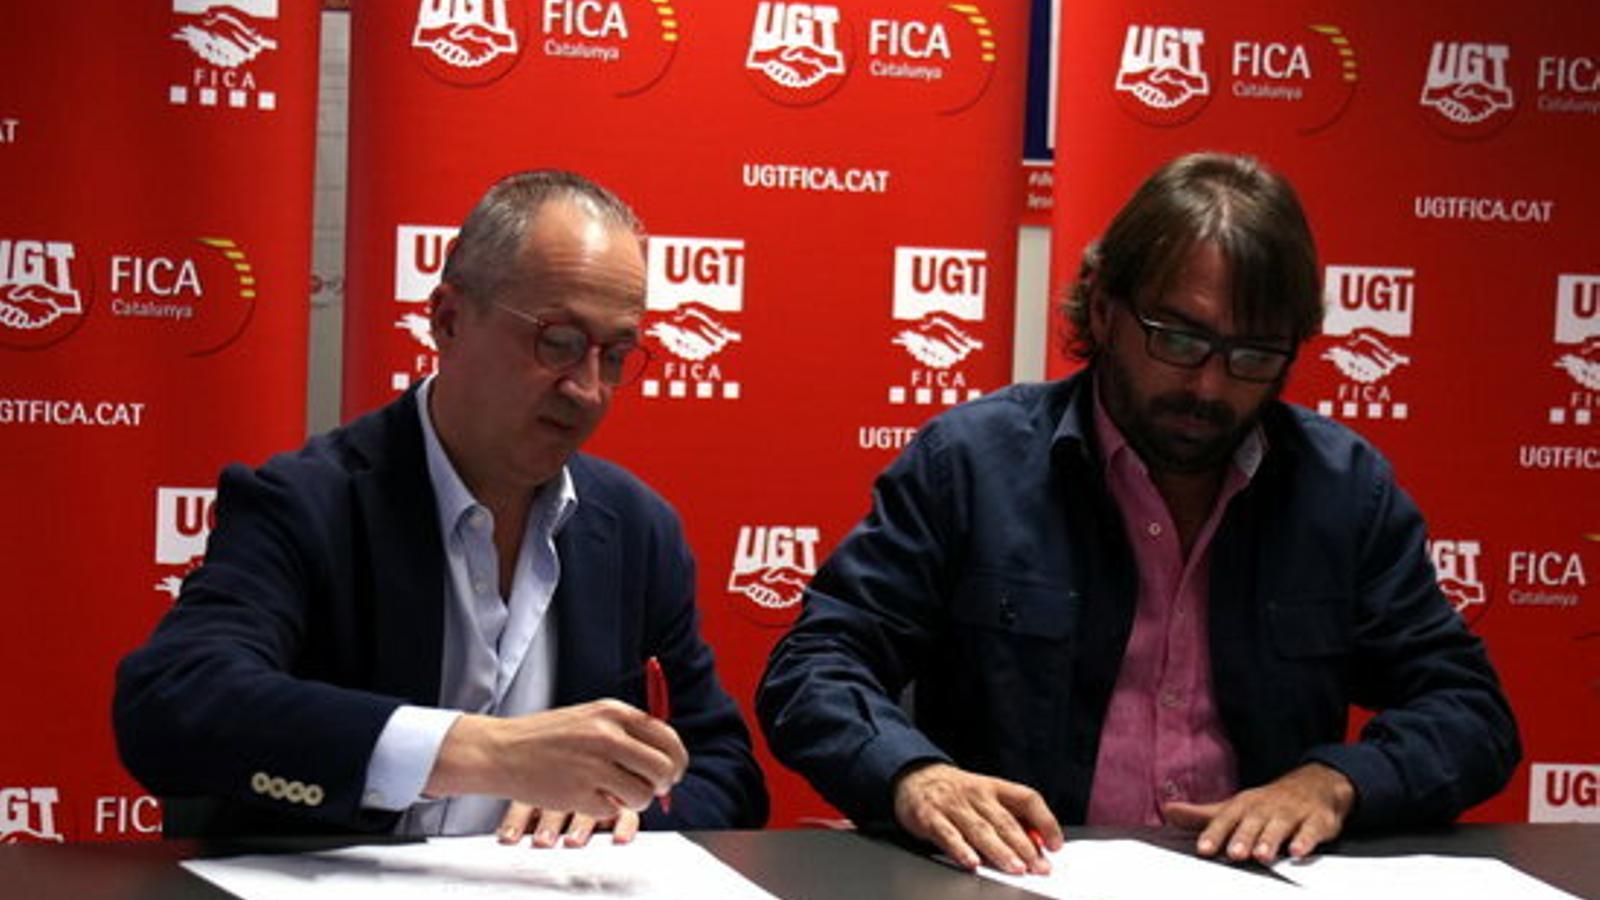 El Grupo Jorge pacta amb la UGT regularitzar 1.600 treballadors de subcontractes